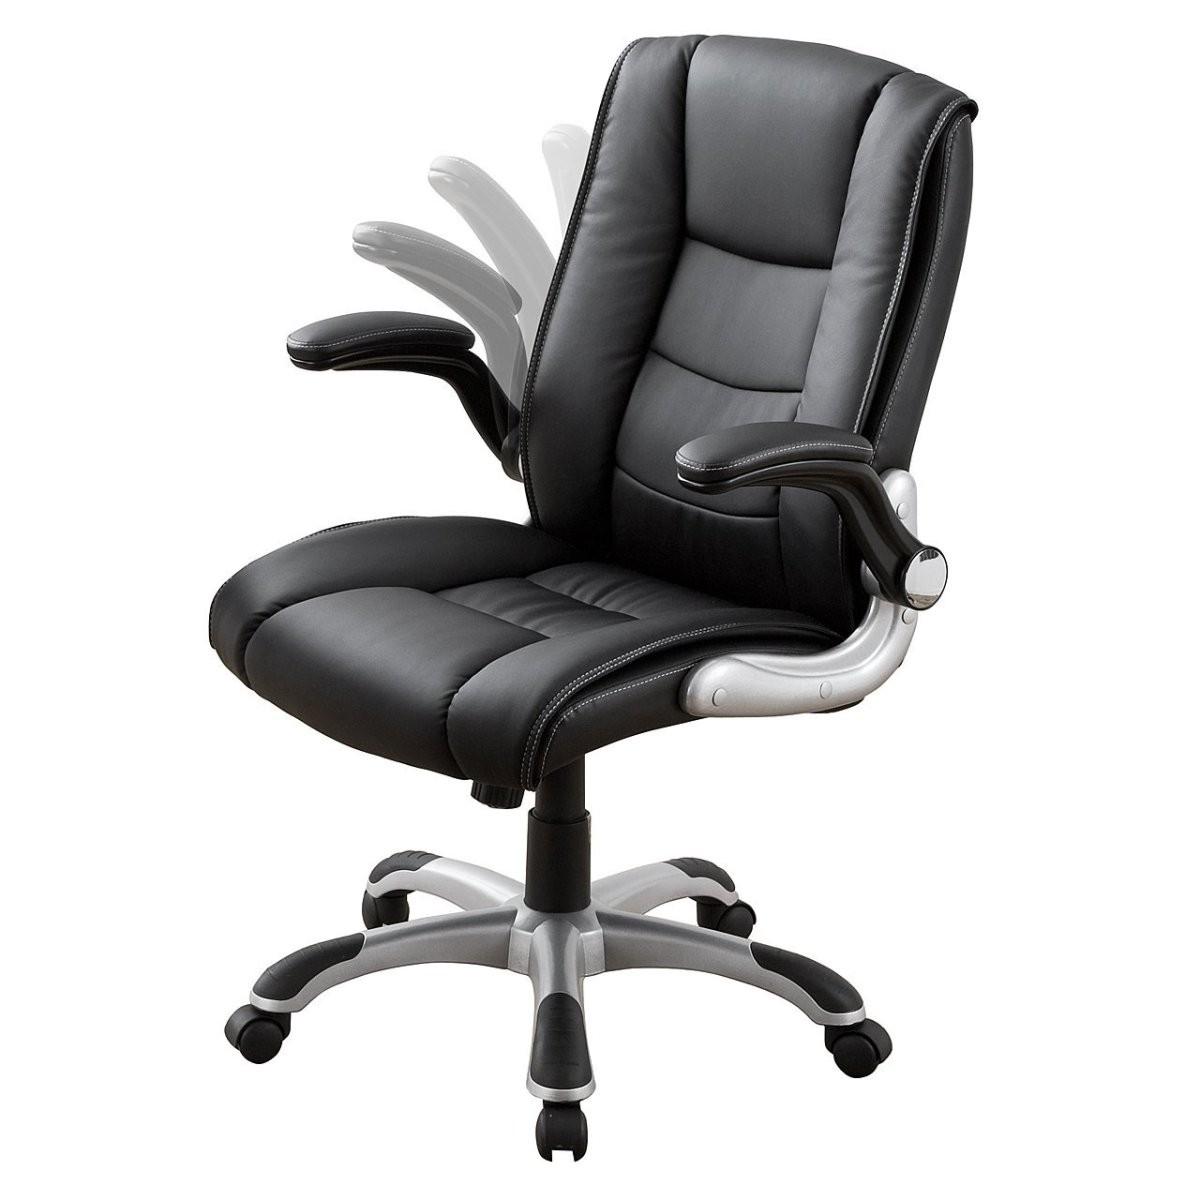 レザーチェア ブラック アームレスト 跳ね上げ式 可動肘 ロッキング プレジデントチェア オフィスチェア 椅子 [150-SNC116]【サンワダイレクト限定品】 【送料無料】